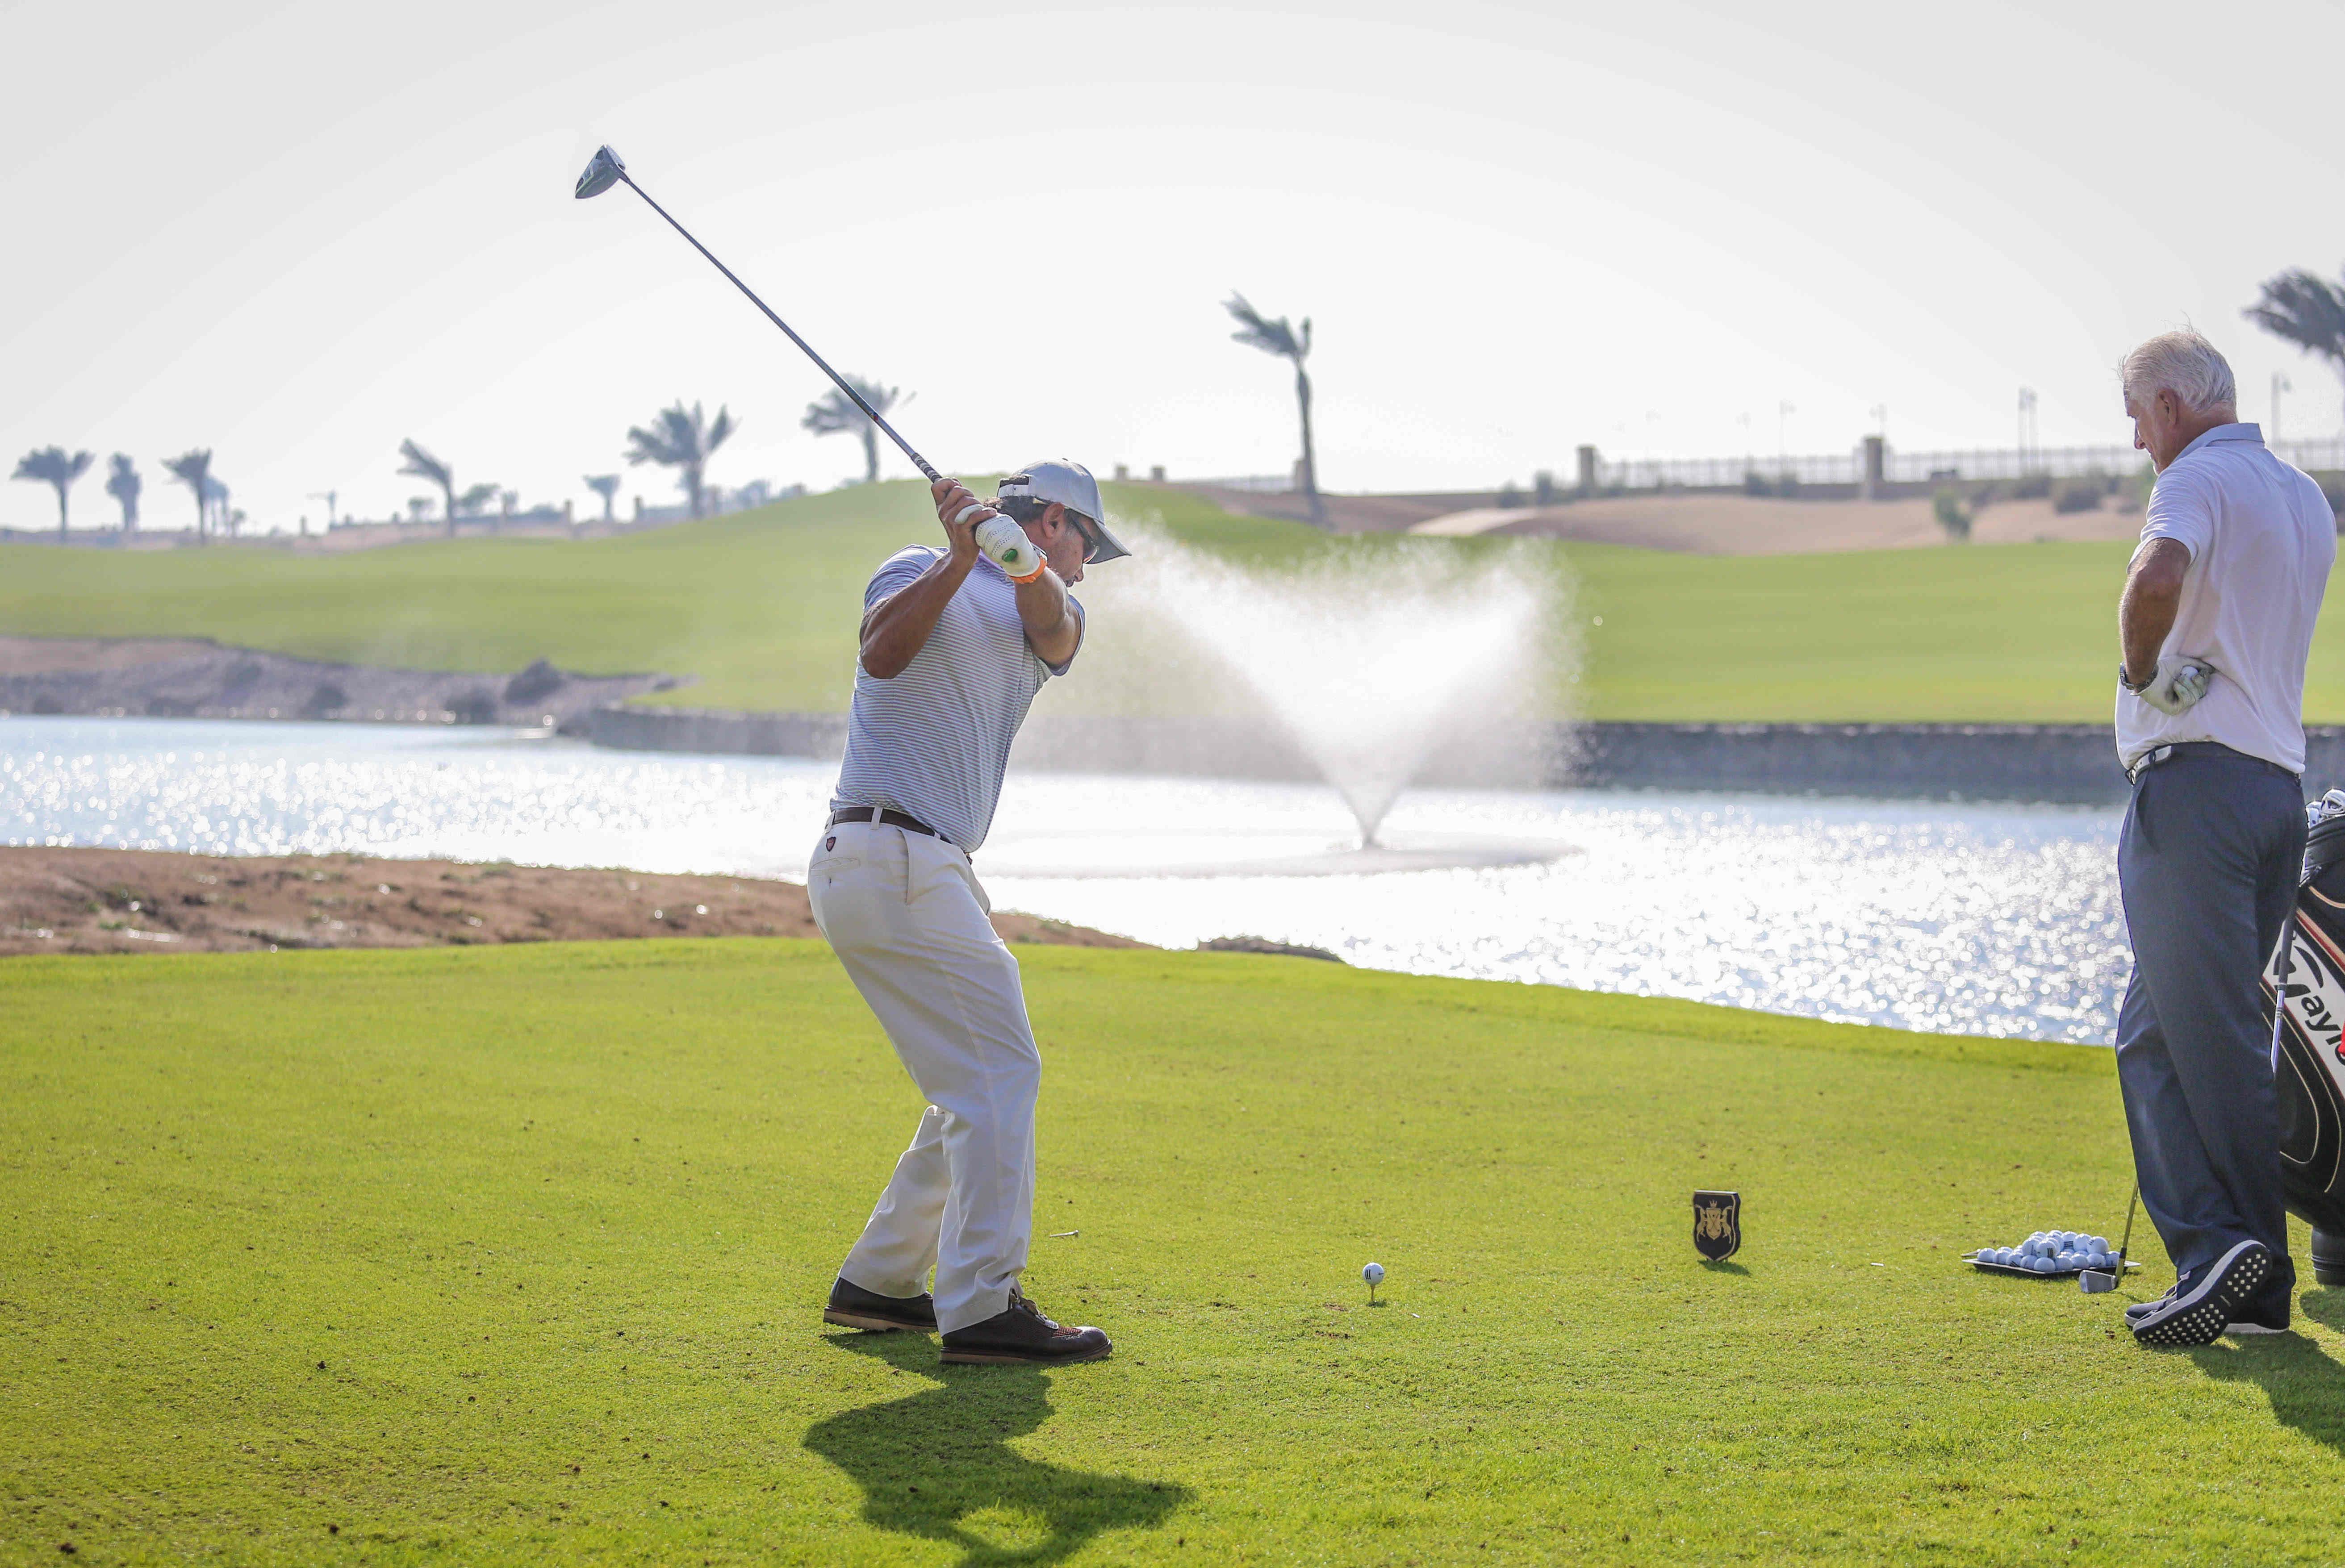 Player at KAEC Royal Greens Golf Club